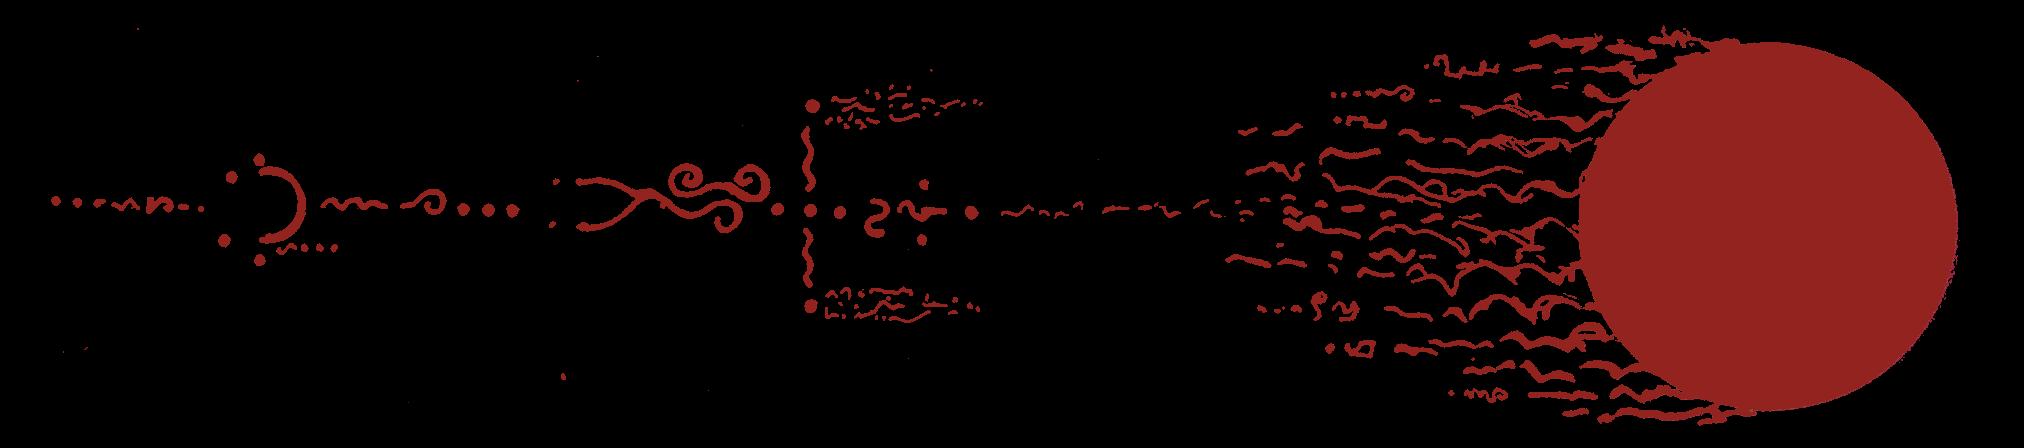 long-fire-glyph-red-1-1